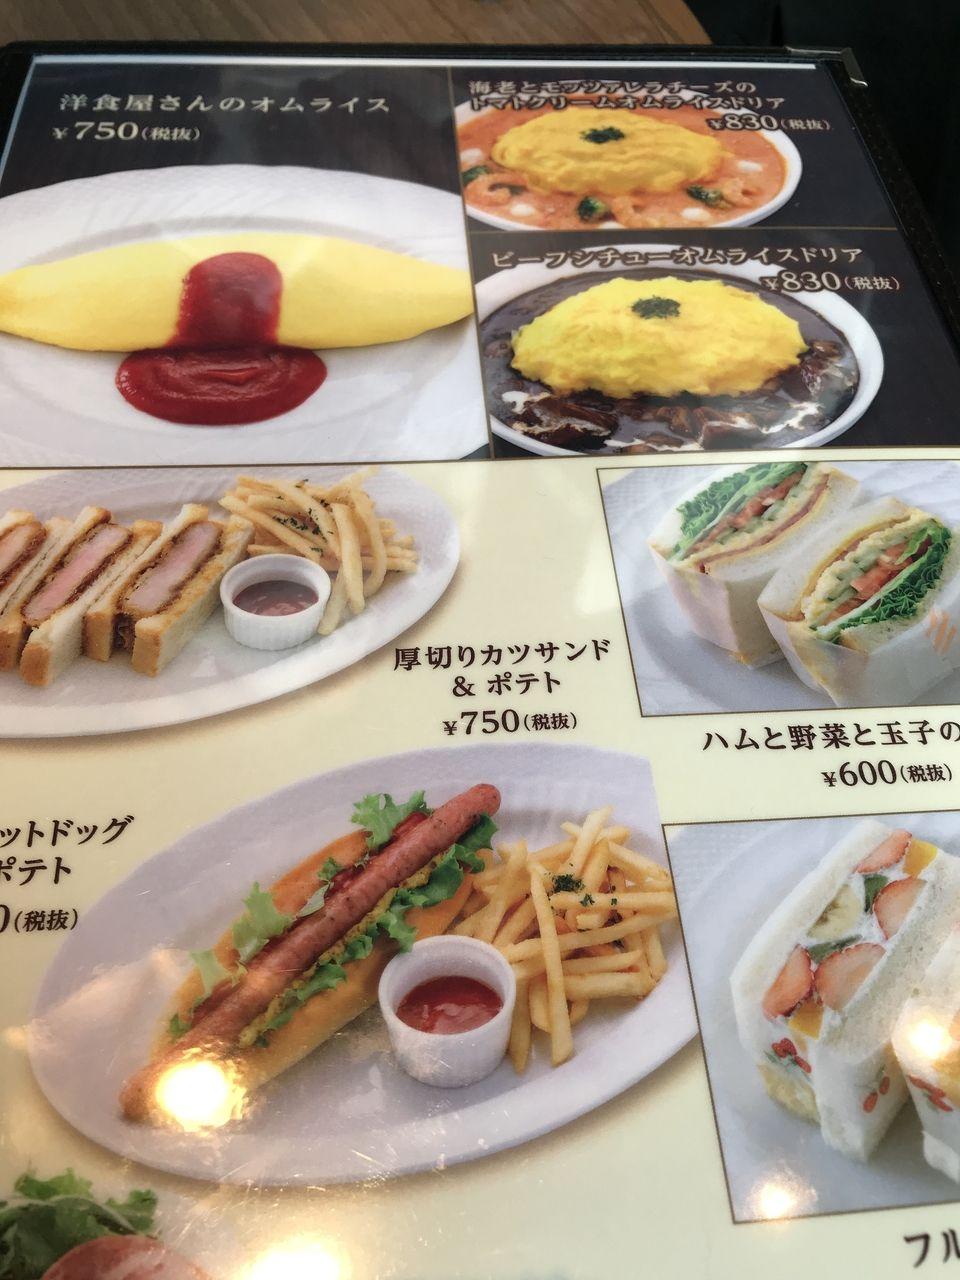 行徳の星乃珈琲店のオムドリアメニュー